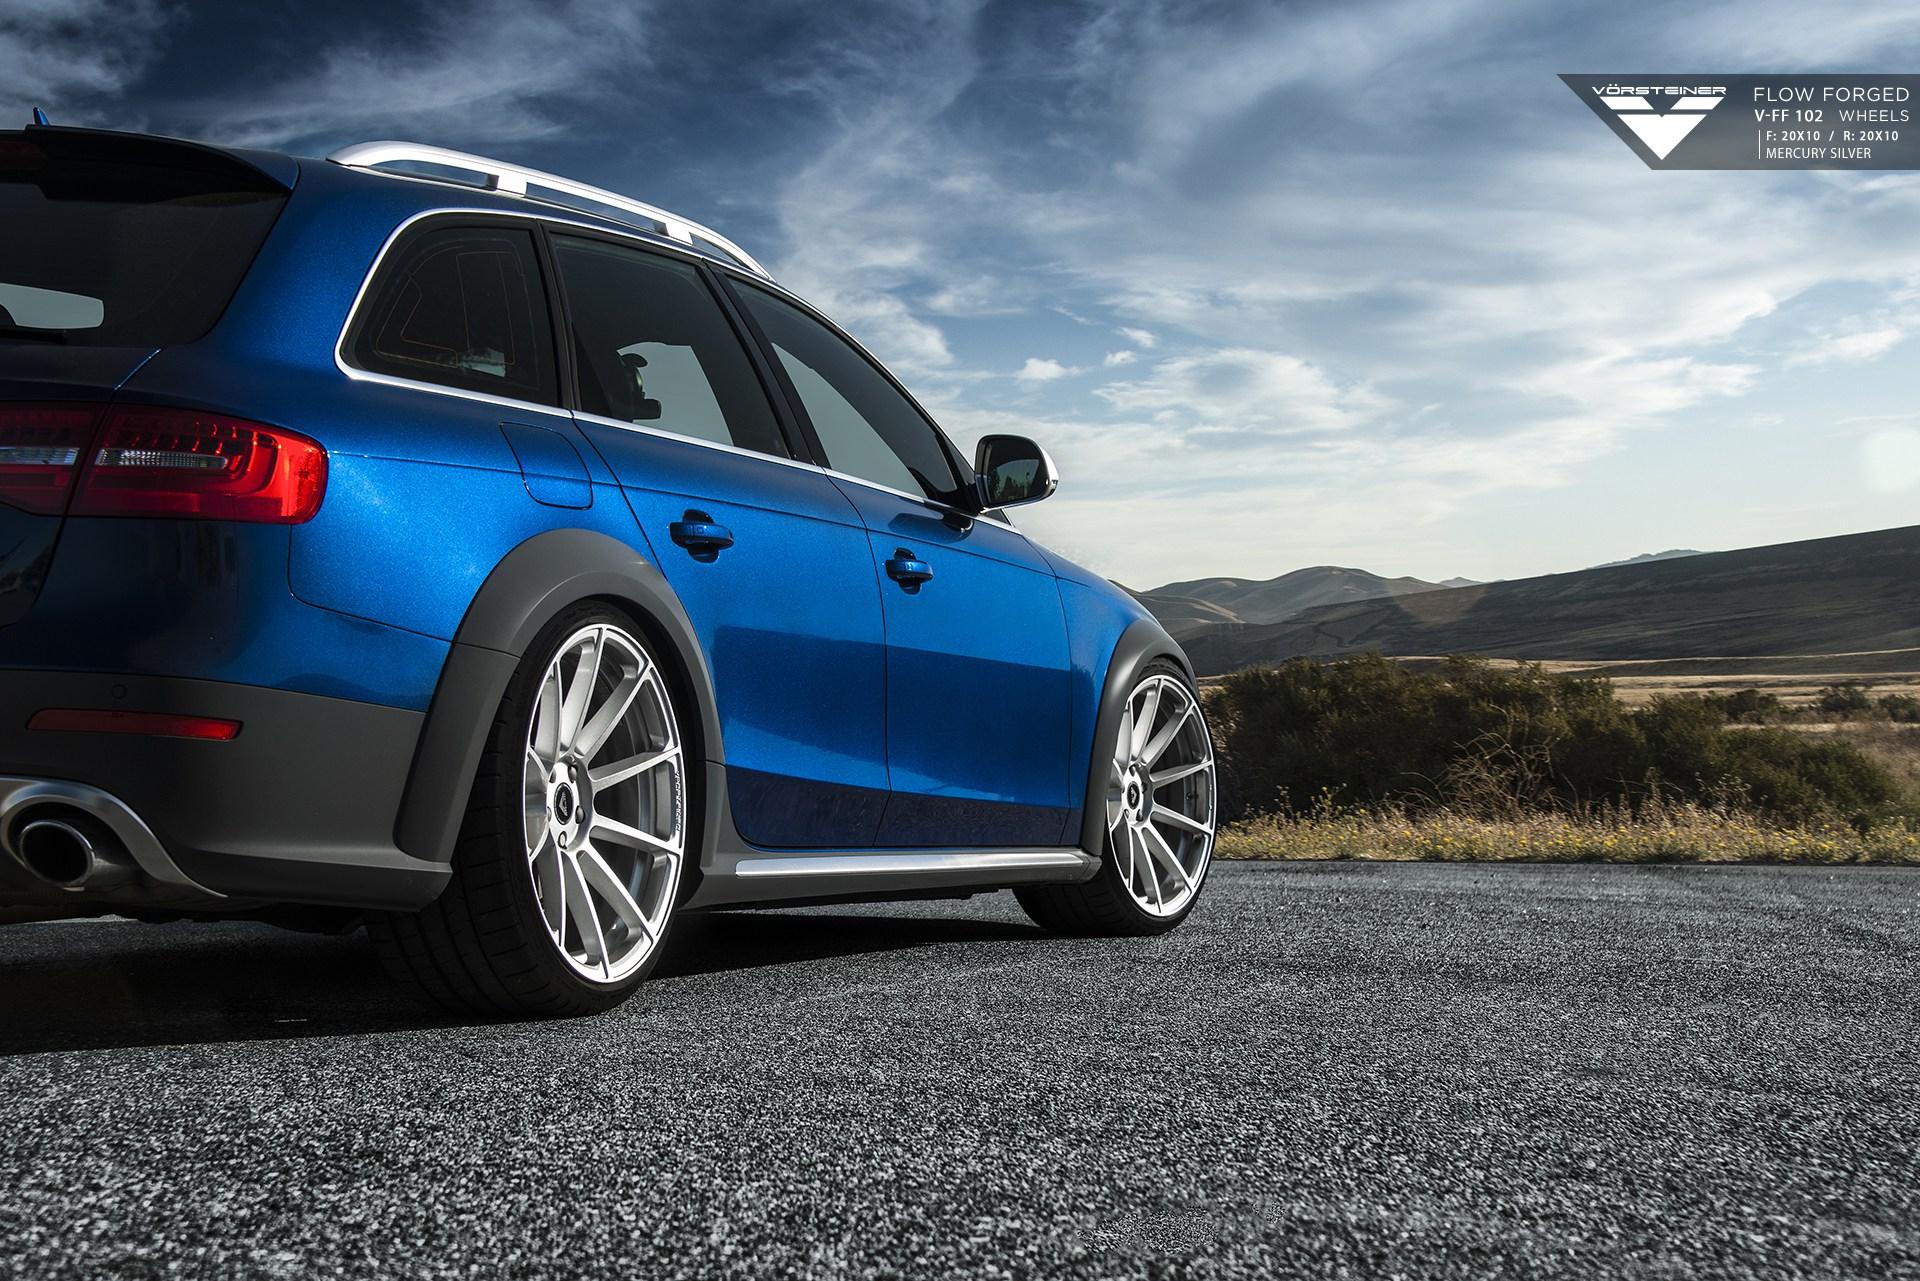 Audi A4 Aftermarket Wheels >> Audi Allroad On Vorsteiner V-FF 102 Flow Forged Wheels